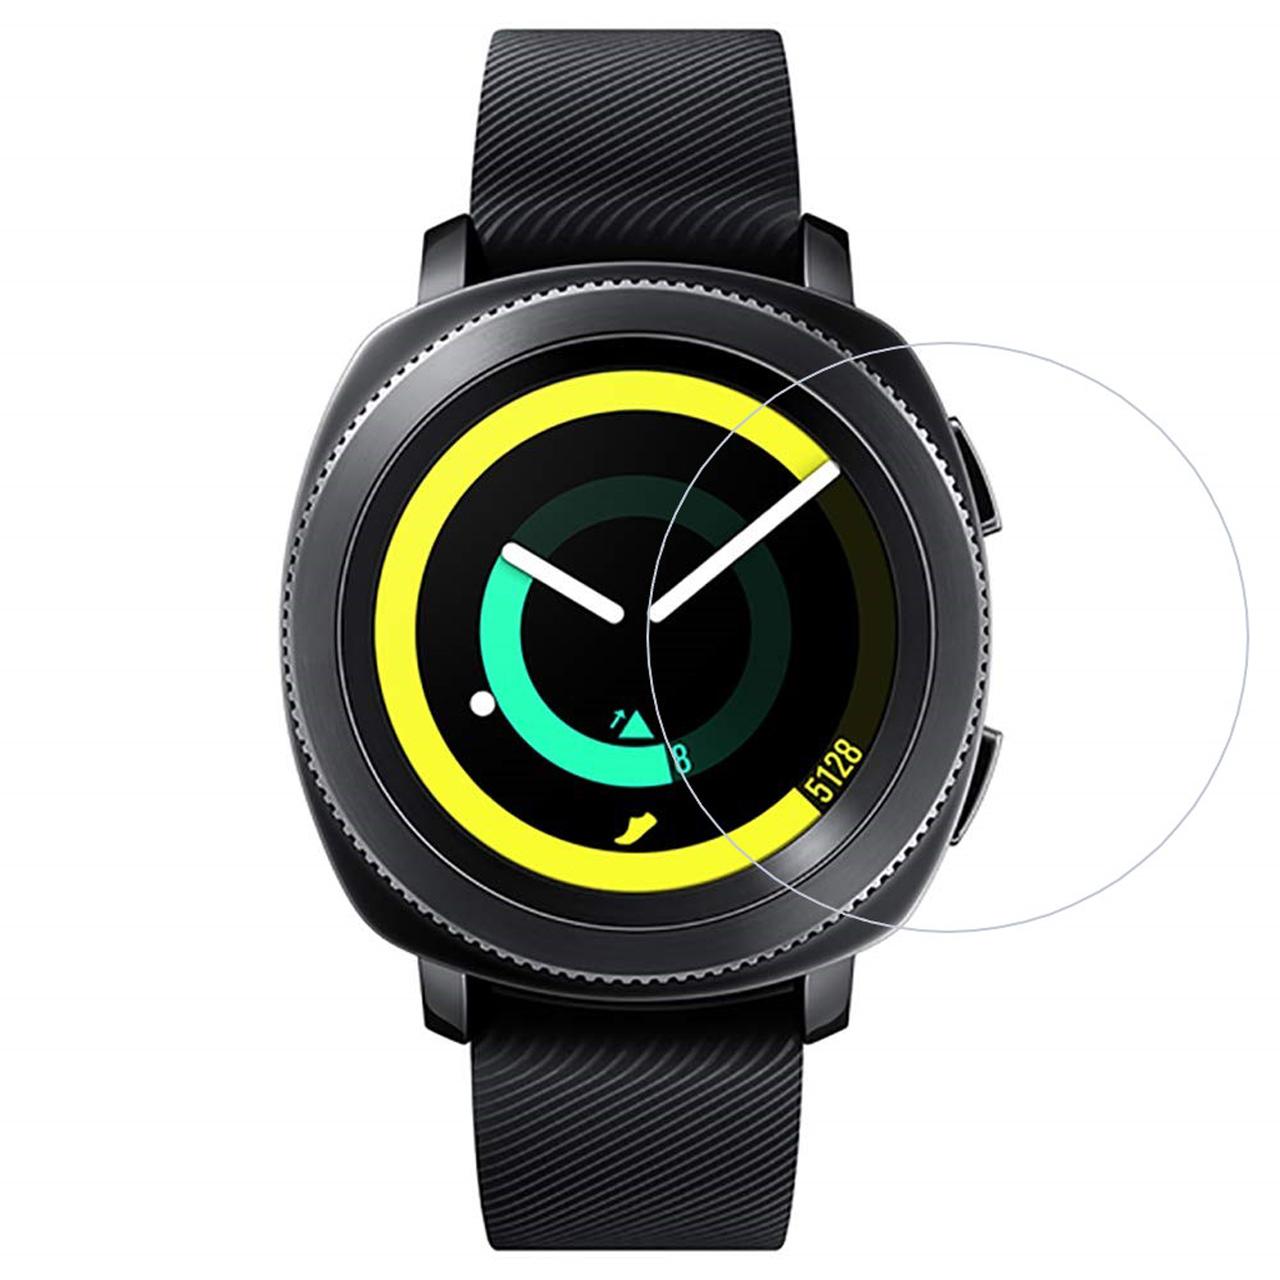 محافظ صفحه نمایش بوف مدل Ct02 مناسب برای ساعت هوشمند سامسونگ Gear S2